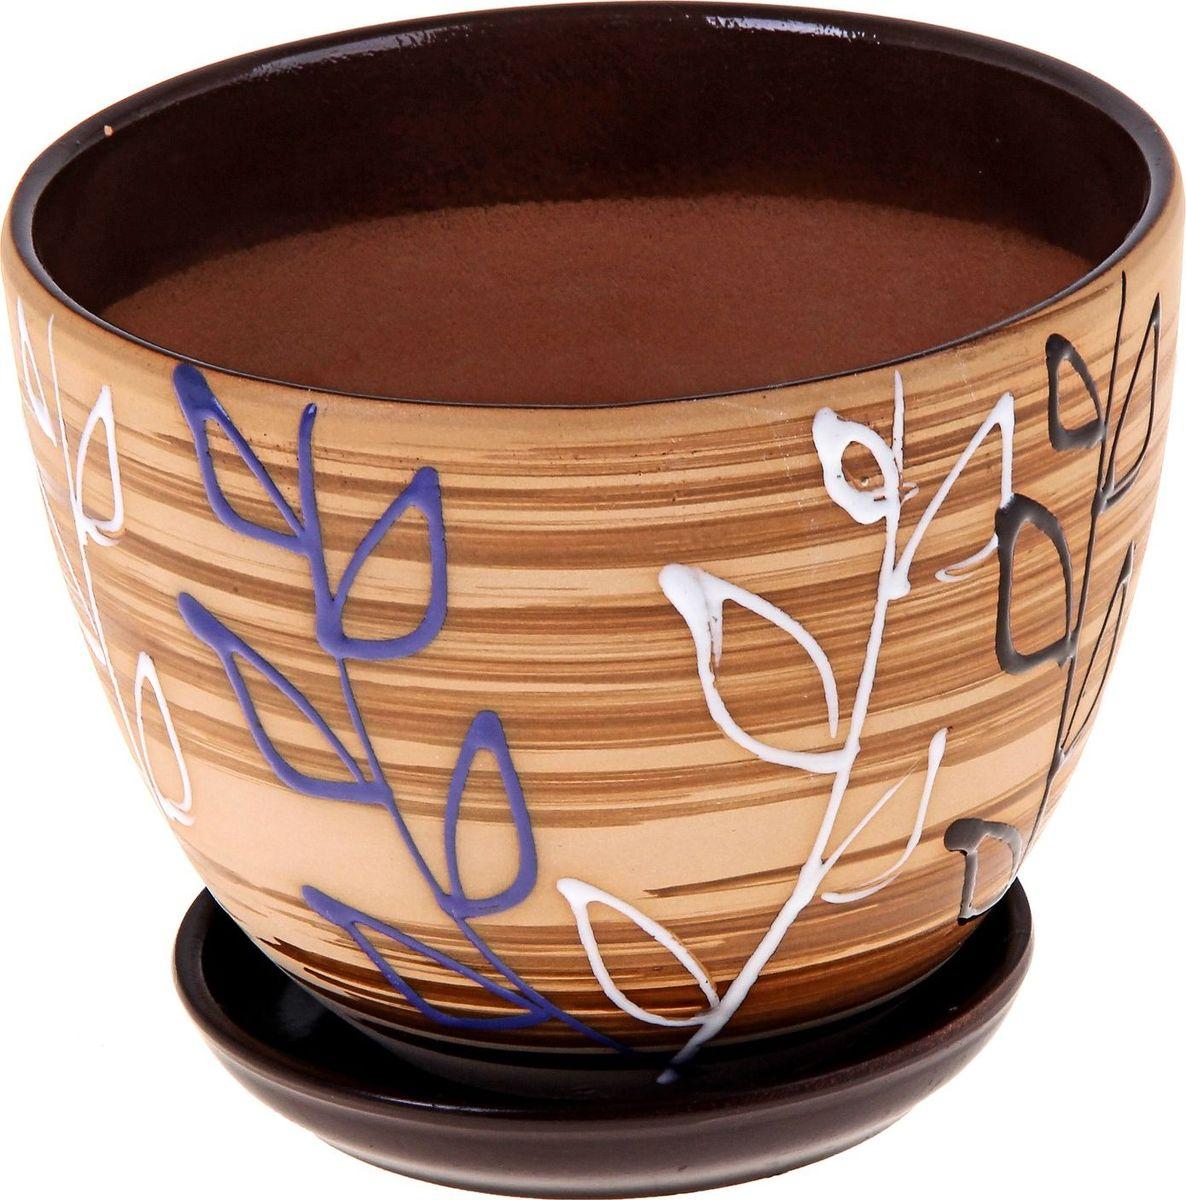 """Декоративное кашпо """"Ленок"""", выполненное из высококачественной керамики, предназначено для посадки декоративных растений и станет прекрасным украшением для дома. Благодаря своему дизайну впишется в любой интерьер помещения."""